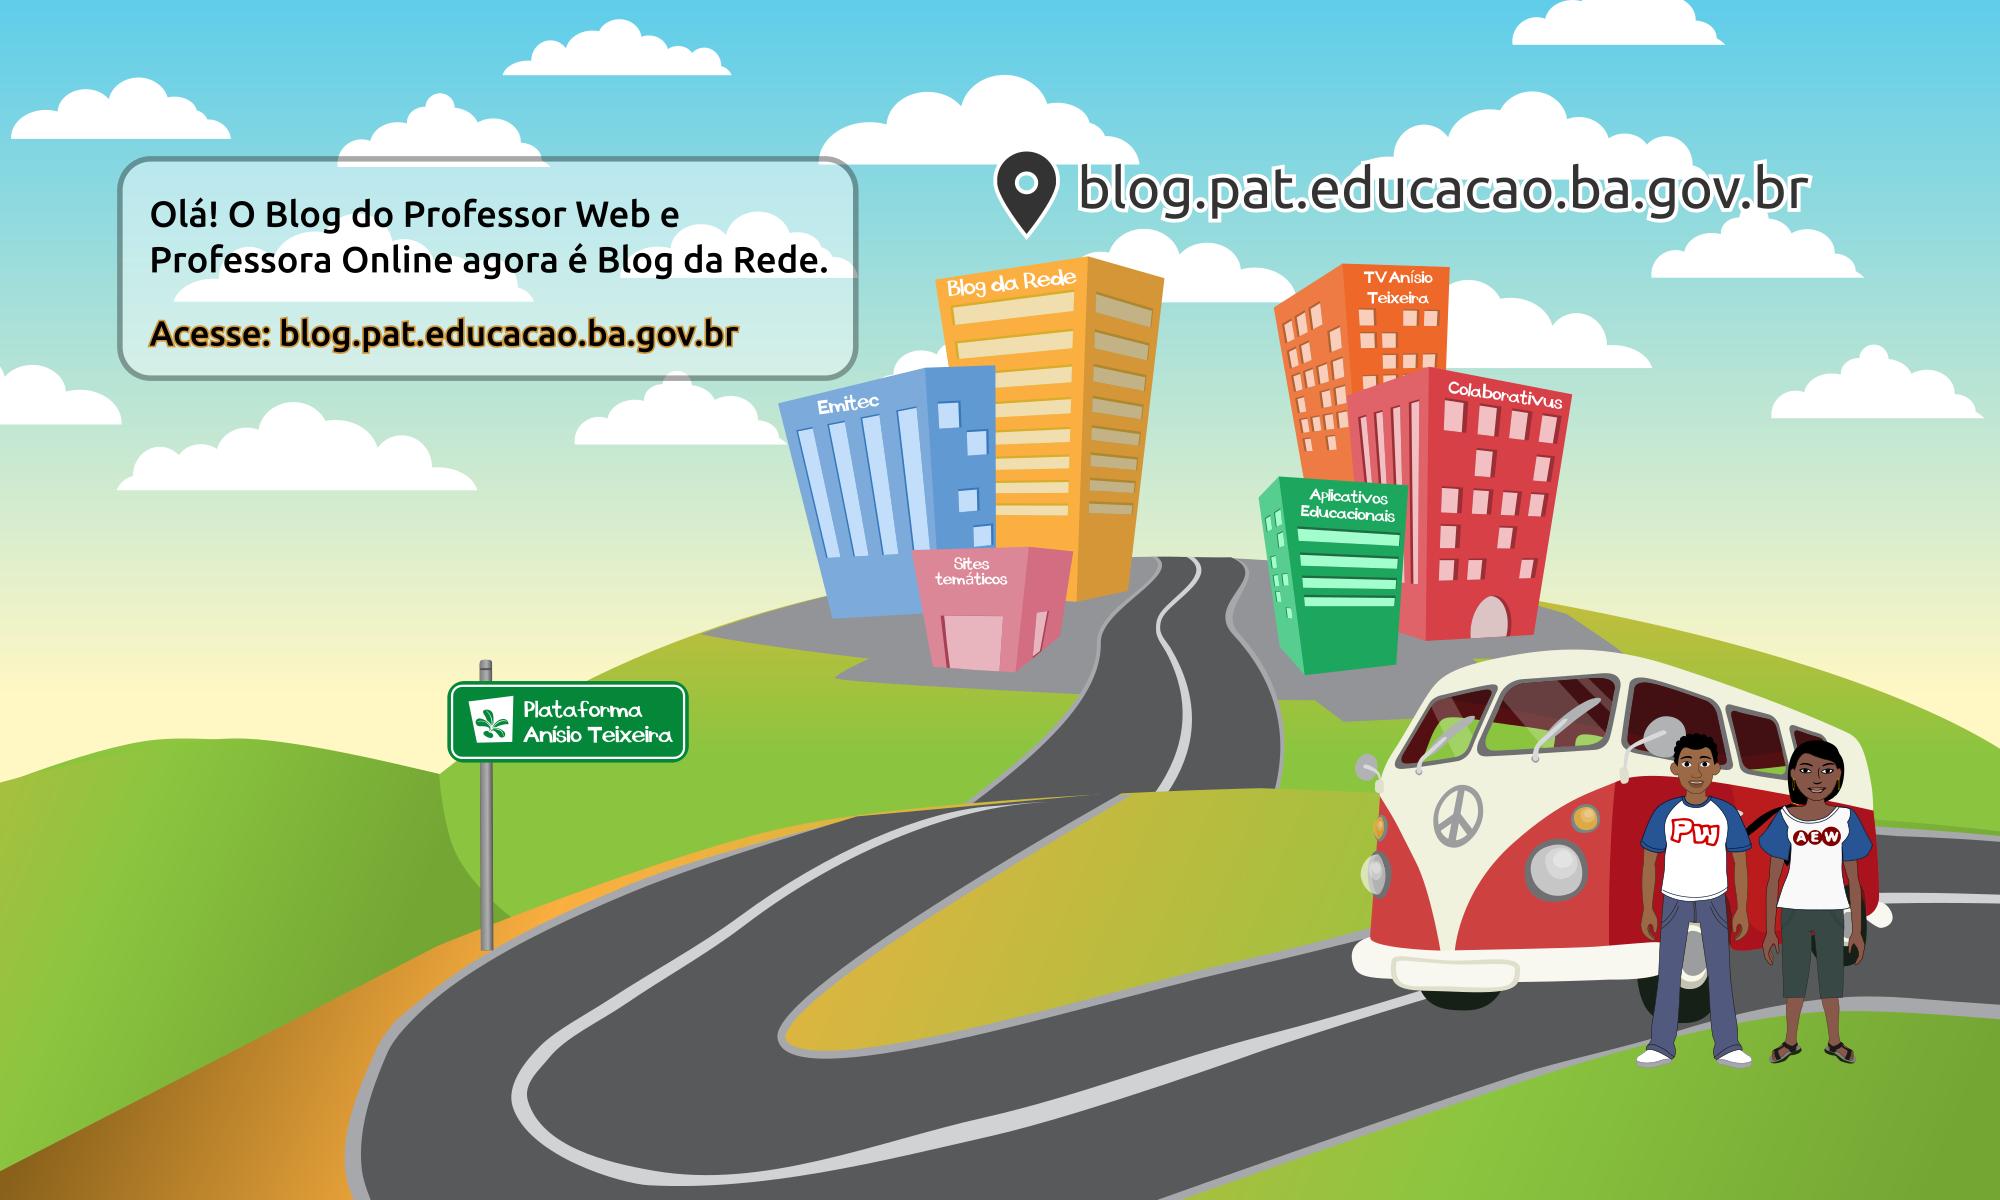 blog.pat.educacao.ba.gov.br